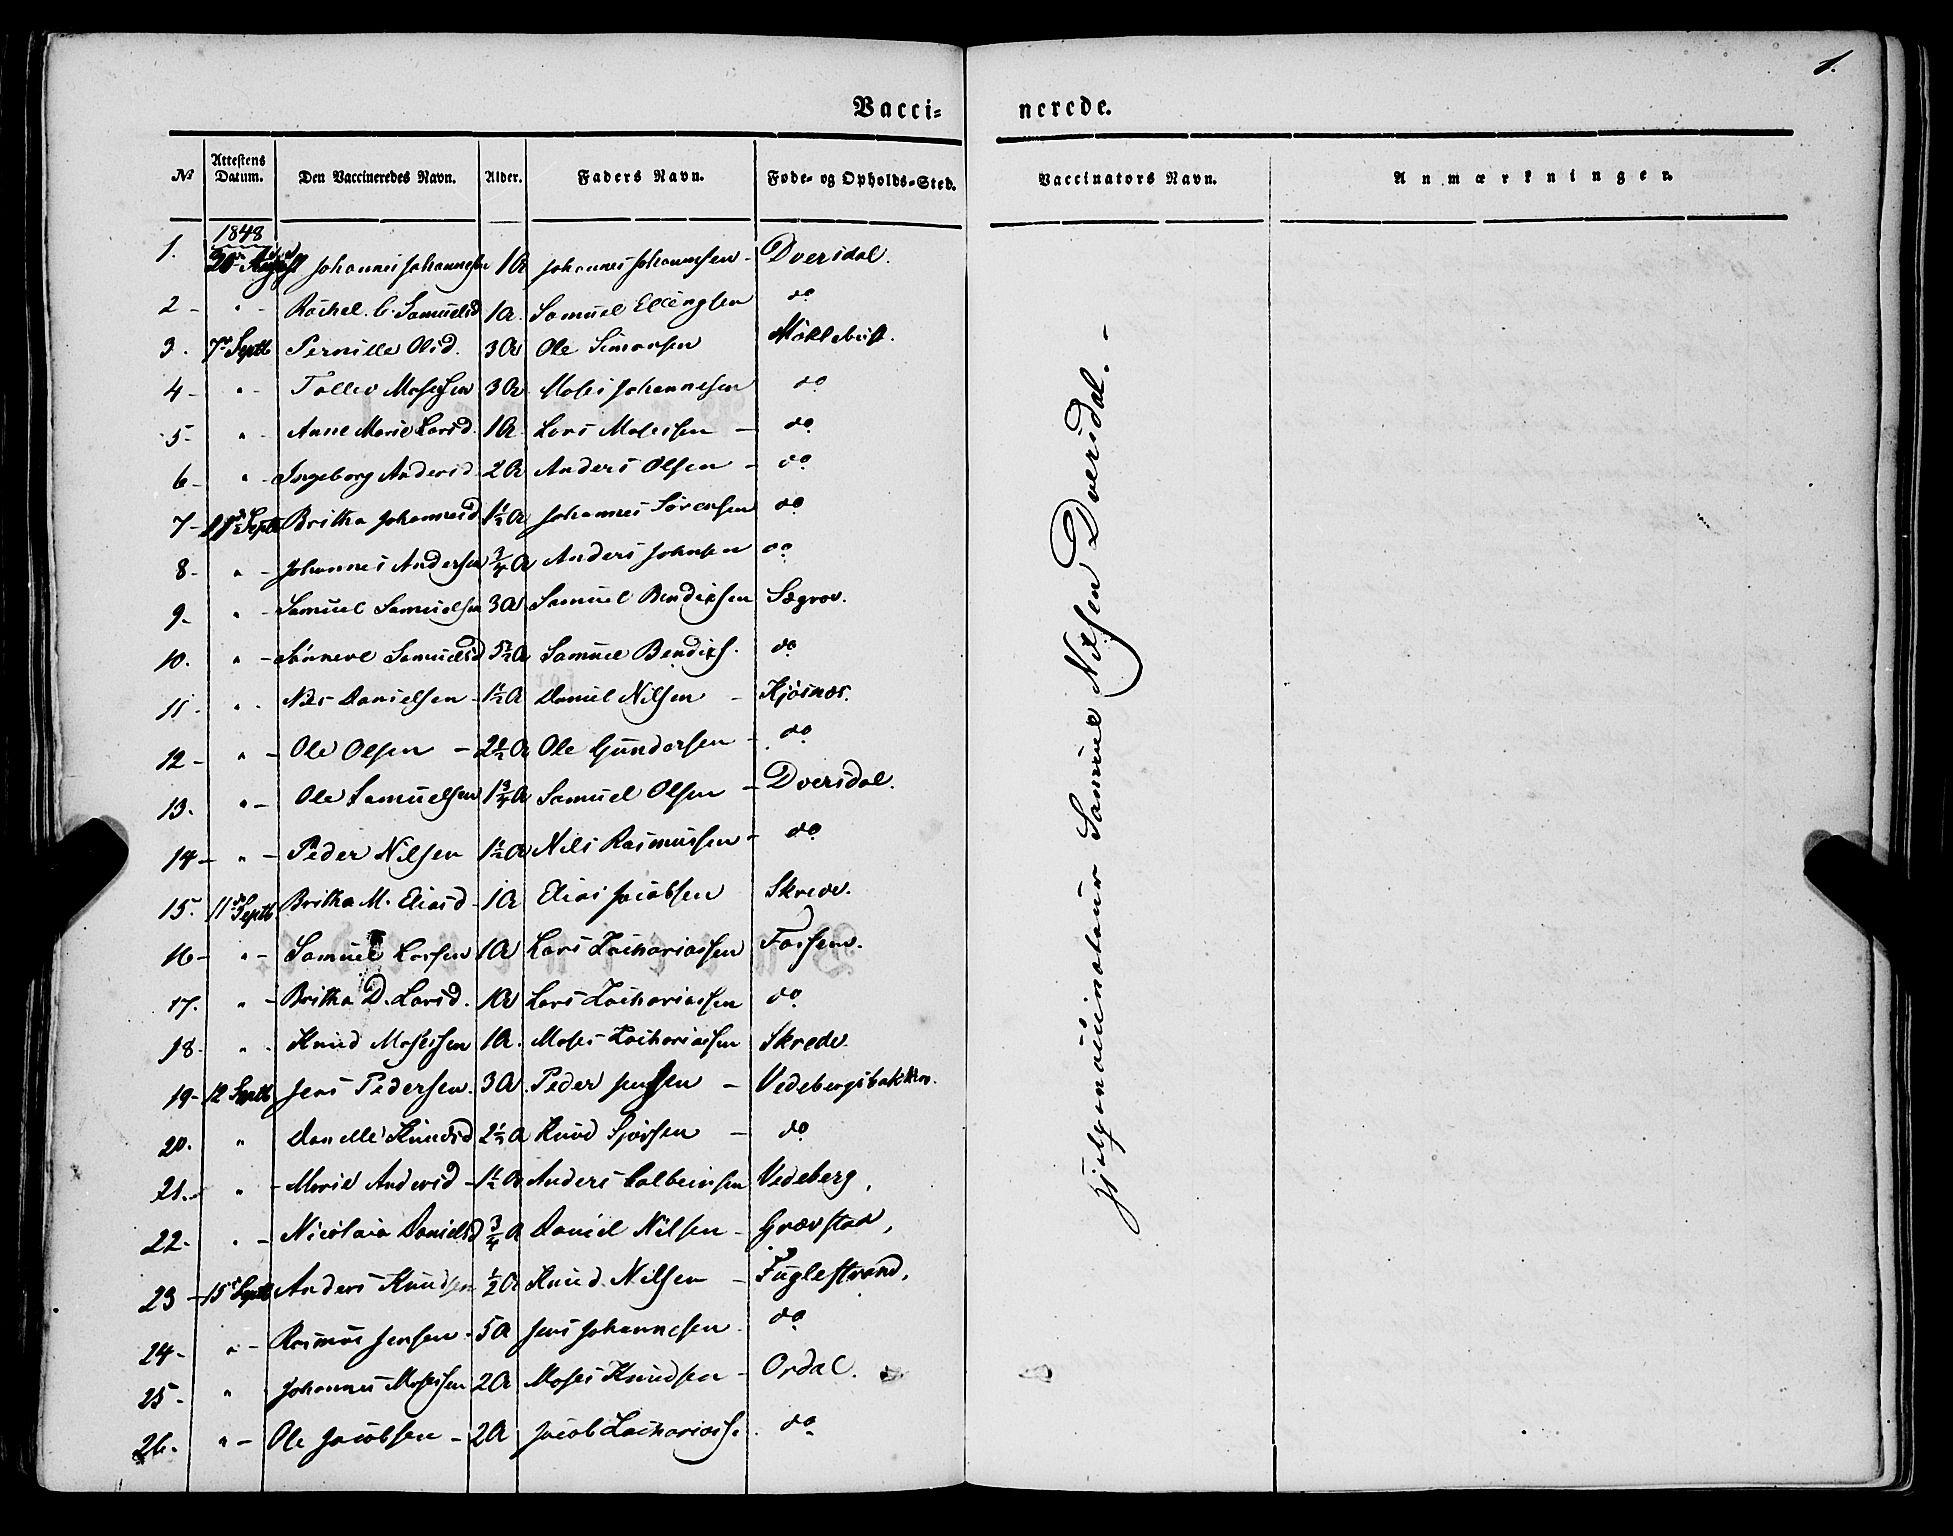 SAB, Jølster Sokneprestembete, H/Haa/Haaa/L0010: Ministerialbok nr. A 10, 1847-1865, s. 1